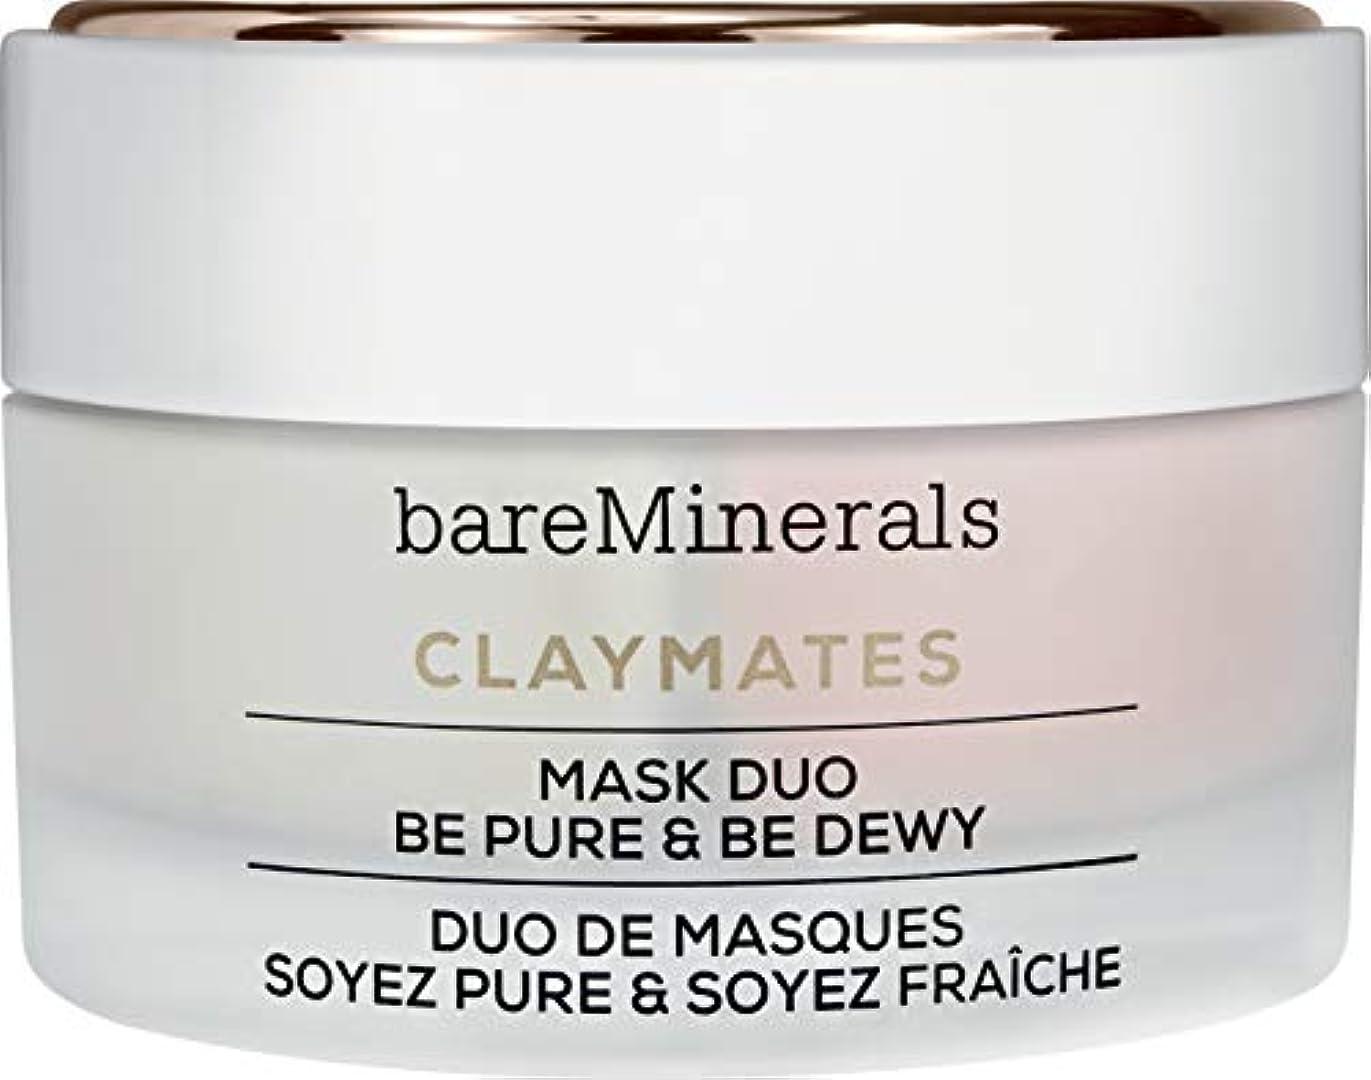 巡礼者理解画像ベアミネラル Claymates Be Pure & Be Dewy Mask Duo 58g/2.04oz並行輸入品